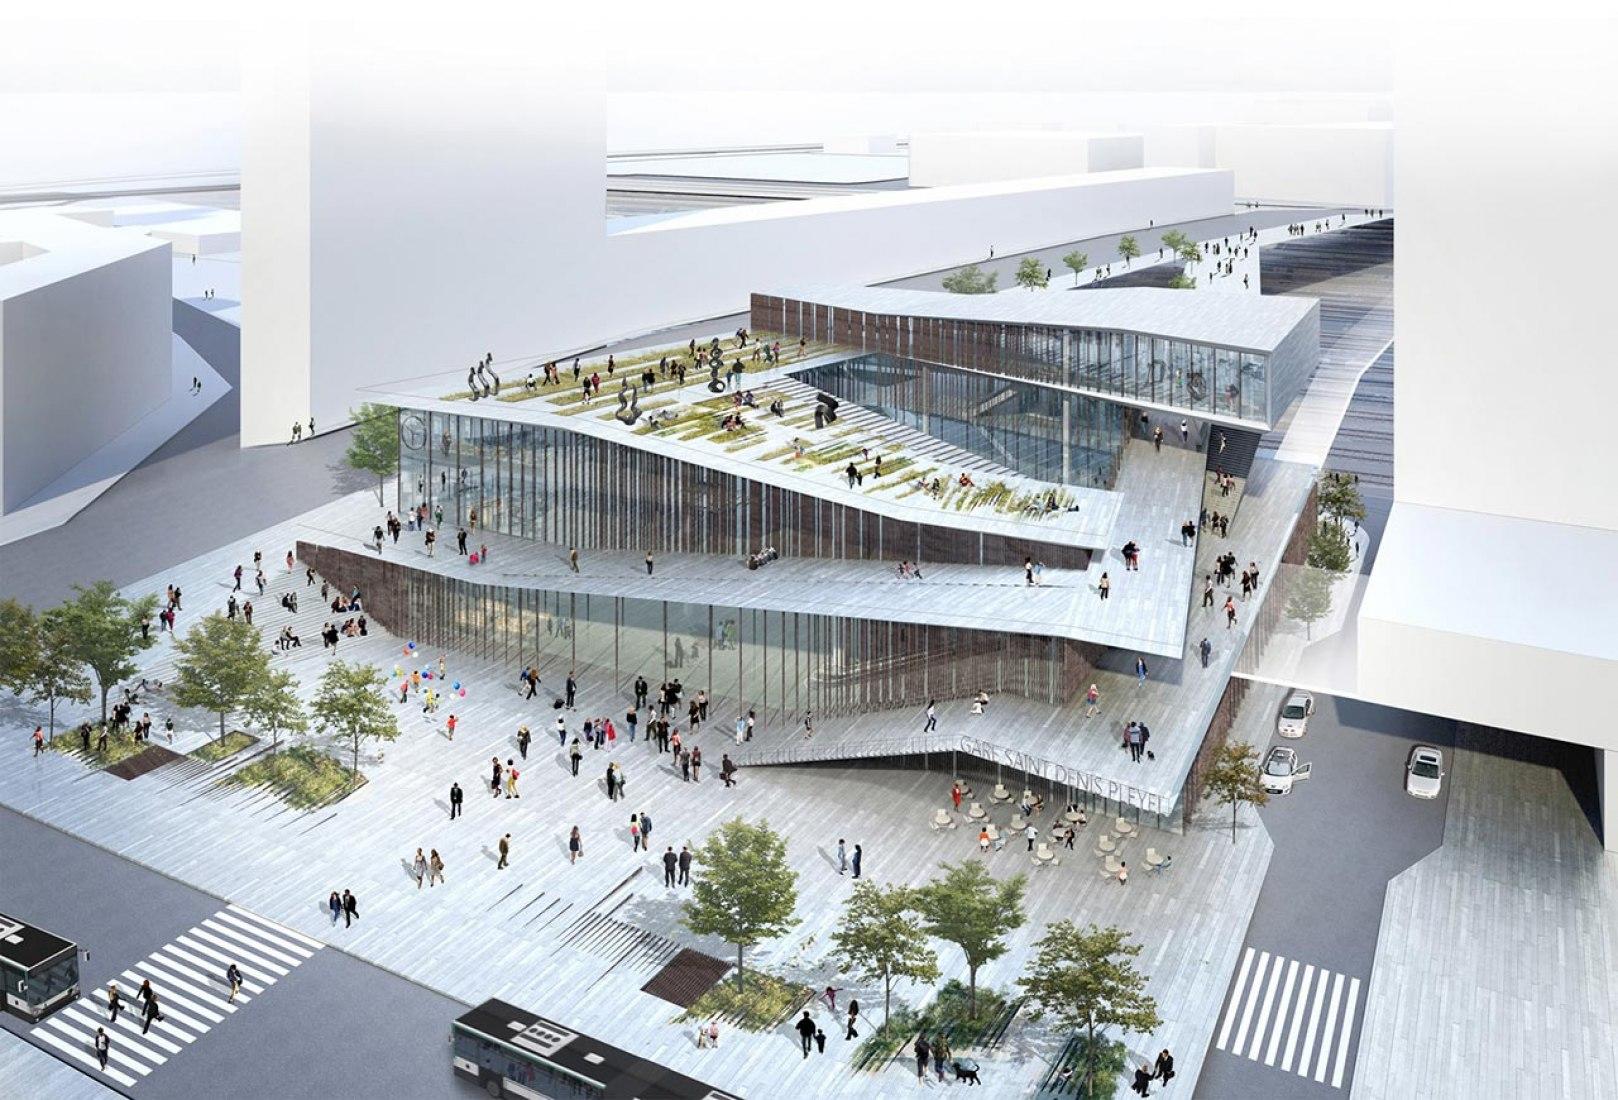 Vista general. Imagen del vestíbulo. Nueva estación de metro de Saint-Denis Pleyel Emblematic en París por Kengo Kuma.